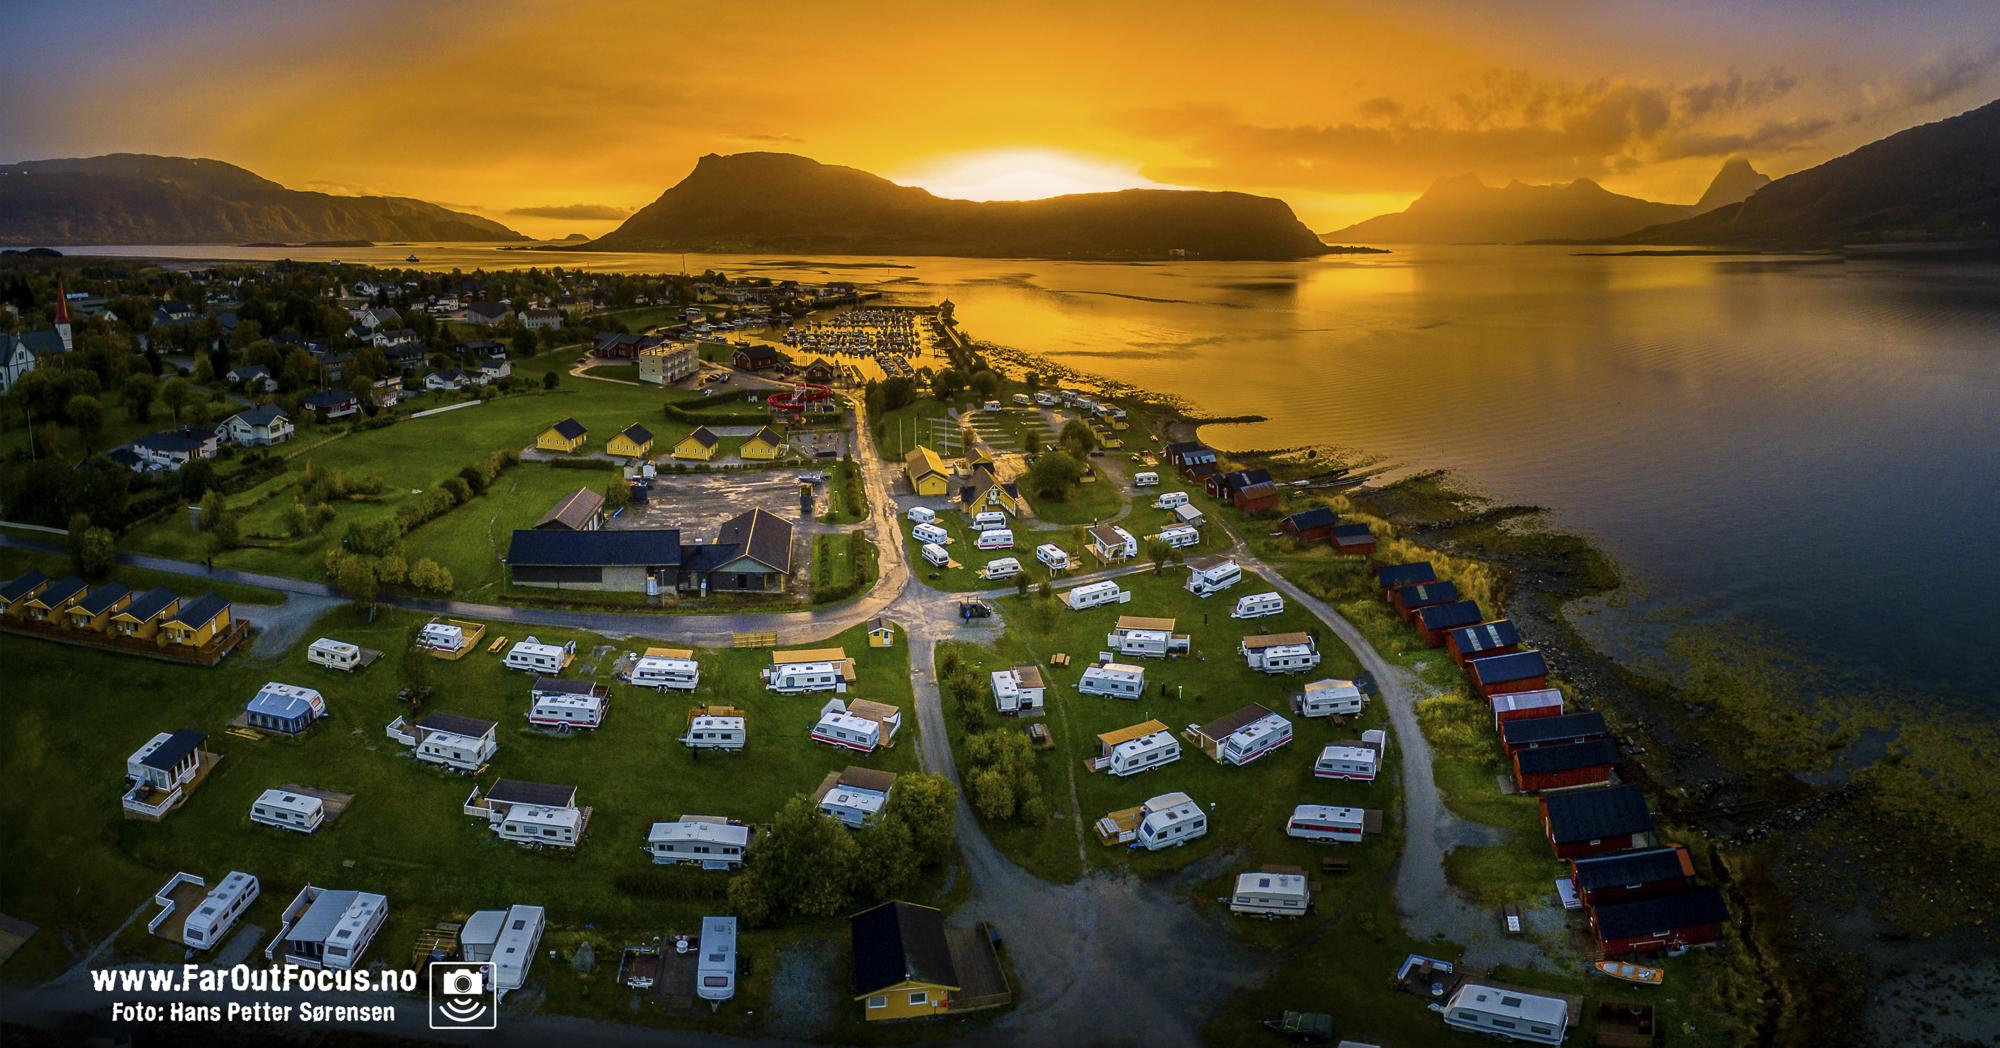 Campingplassen Havblikk Camping på Nesna sett fra lufta, med bobiler, campingvogner og campinghytter. I bakgrunnen går sola ned bak øya Hugla, og vi ser fjellene på Tomma bak til høyre. Foto: Hans Petter Sørensen.